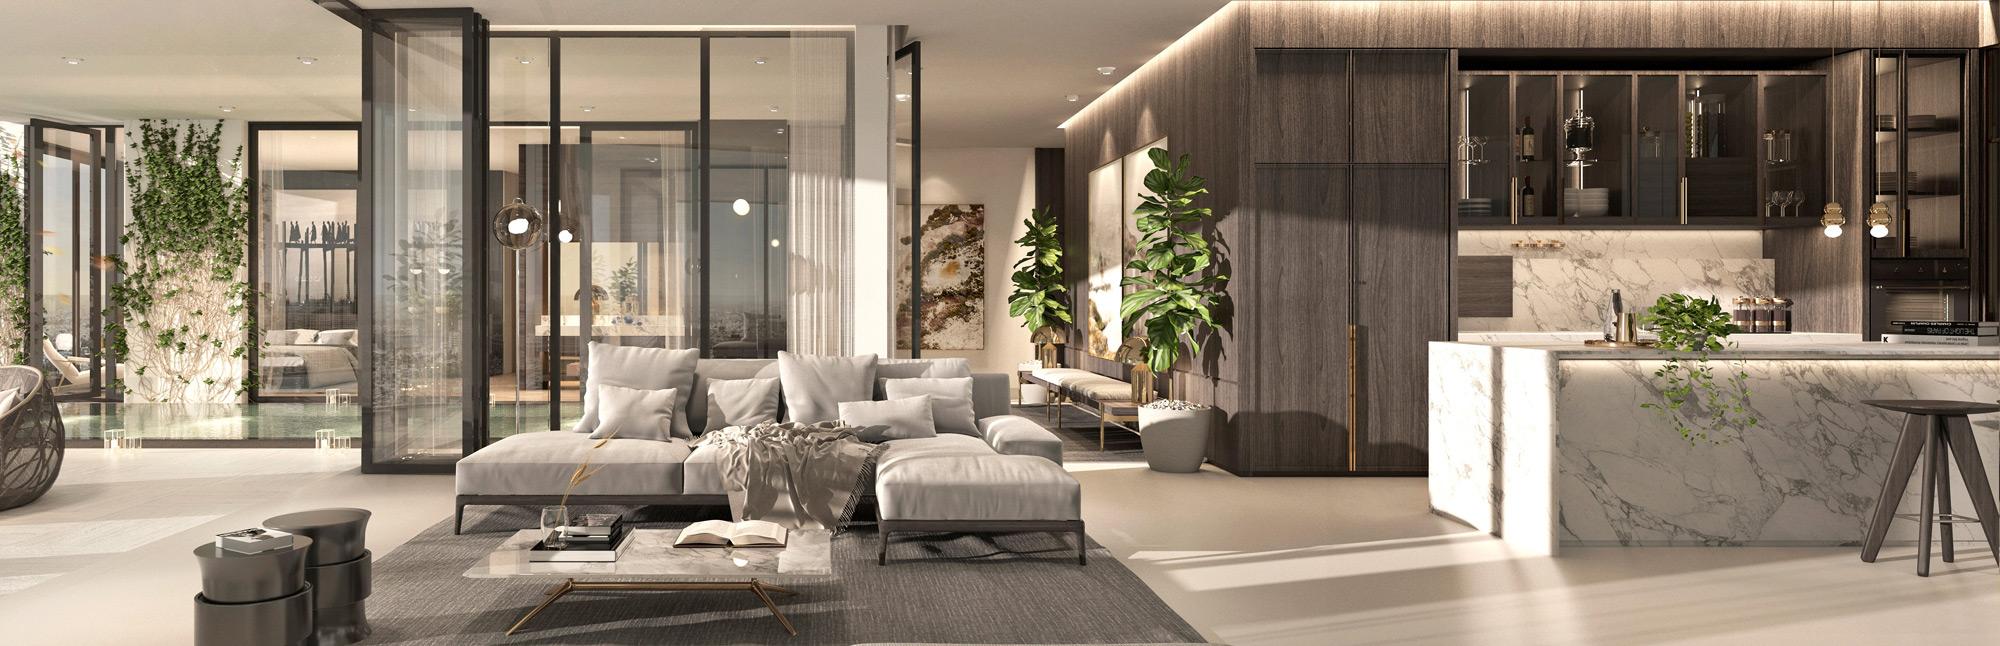 Thiết kế thi công nội thất HTK baner 2